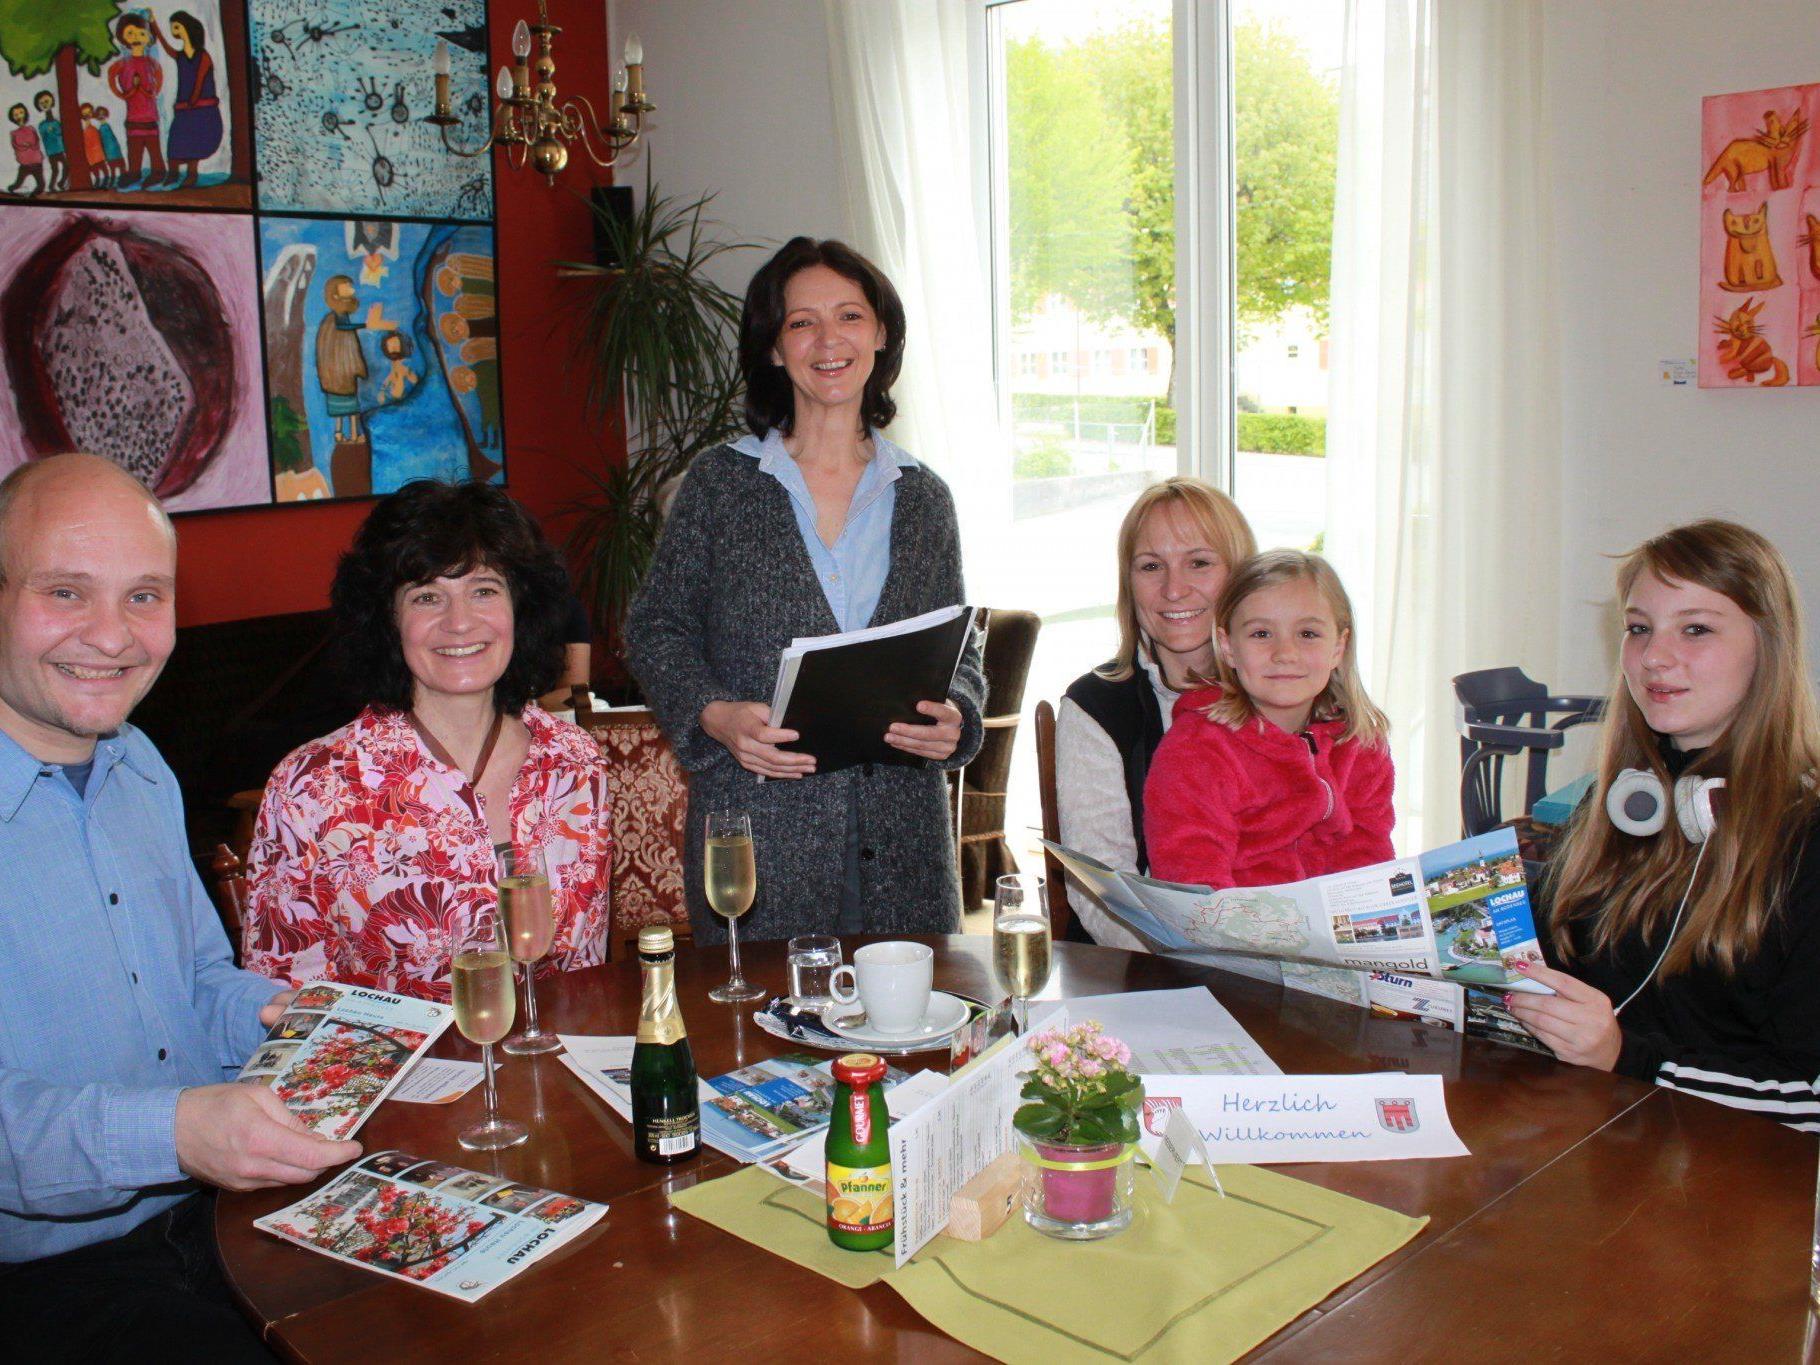 """Ingrid Hörburger erwartet die neu zugezogenen Bürgerinnen und Bürger der Gemeinde Lochau beim monatlichen """"Willkommenstreff"""" mit vielen Informationen."""